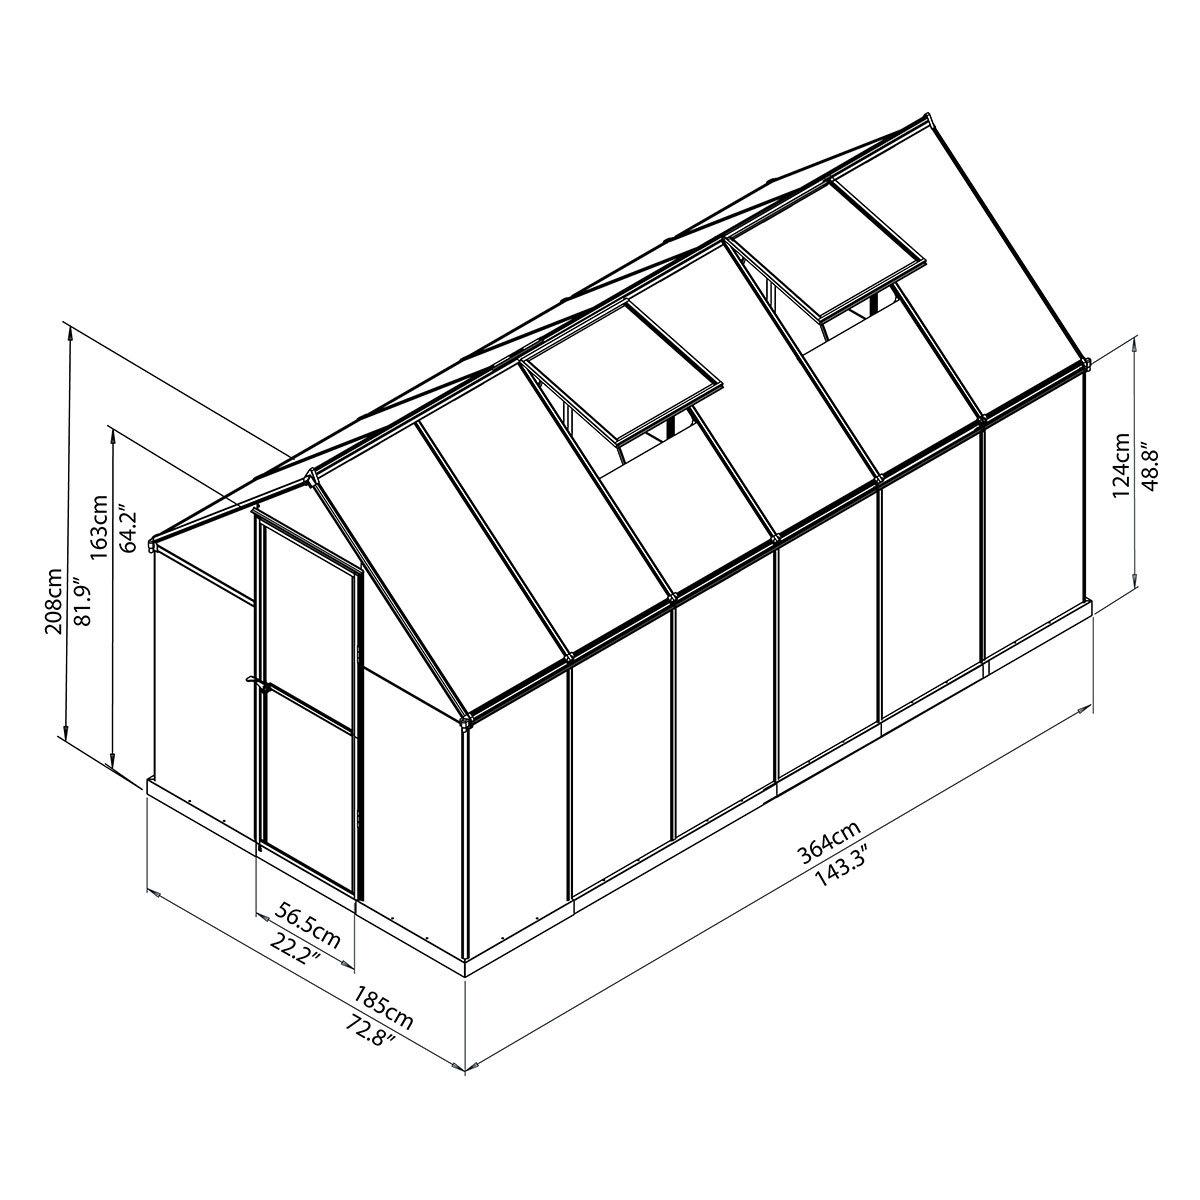 Gewächshaus Multi Line 6 x 12 inkl. Stahlfundament | #7